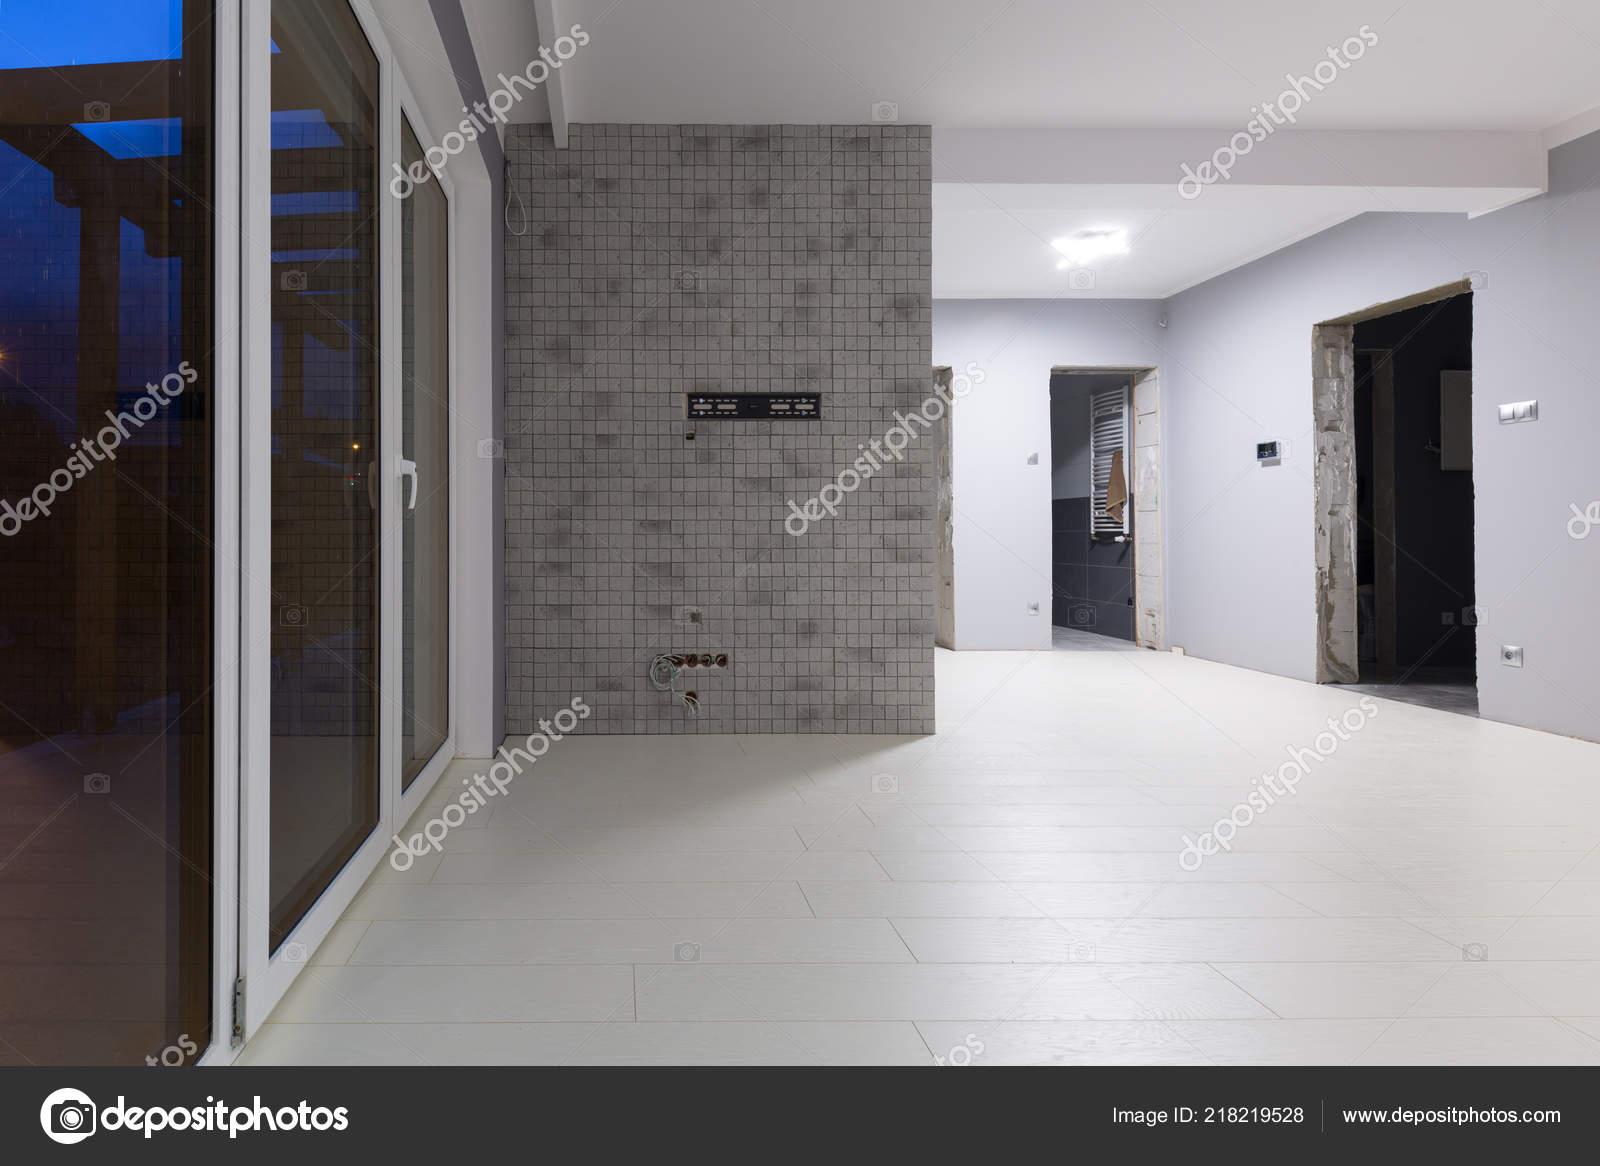 Woonkamer met nieuwe gelamineerde vloer decoratieve muur